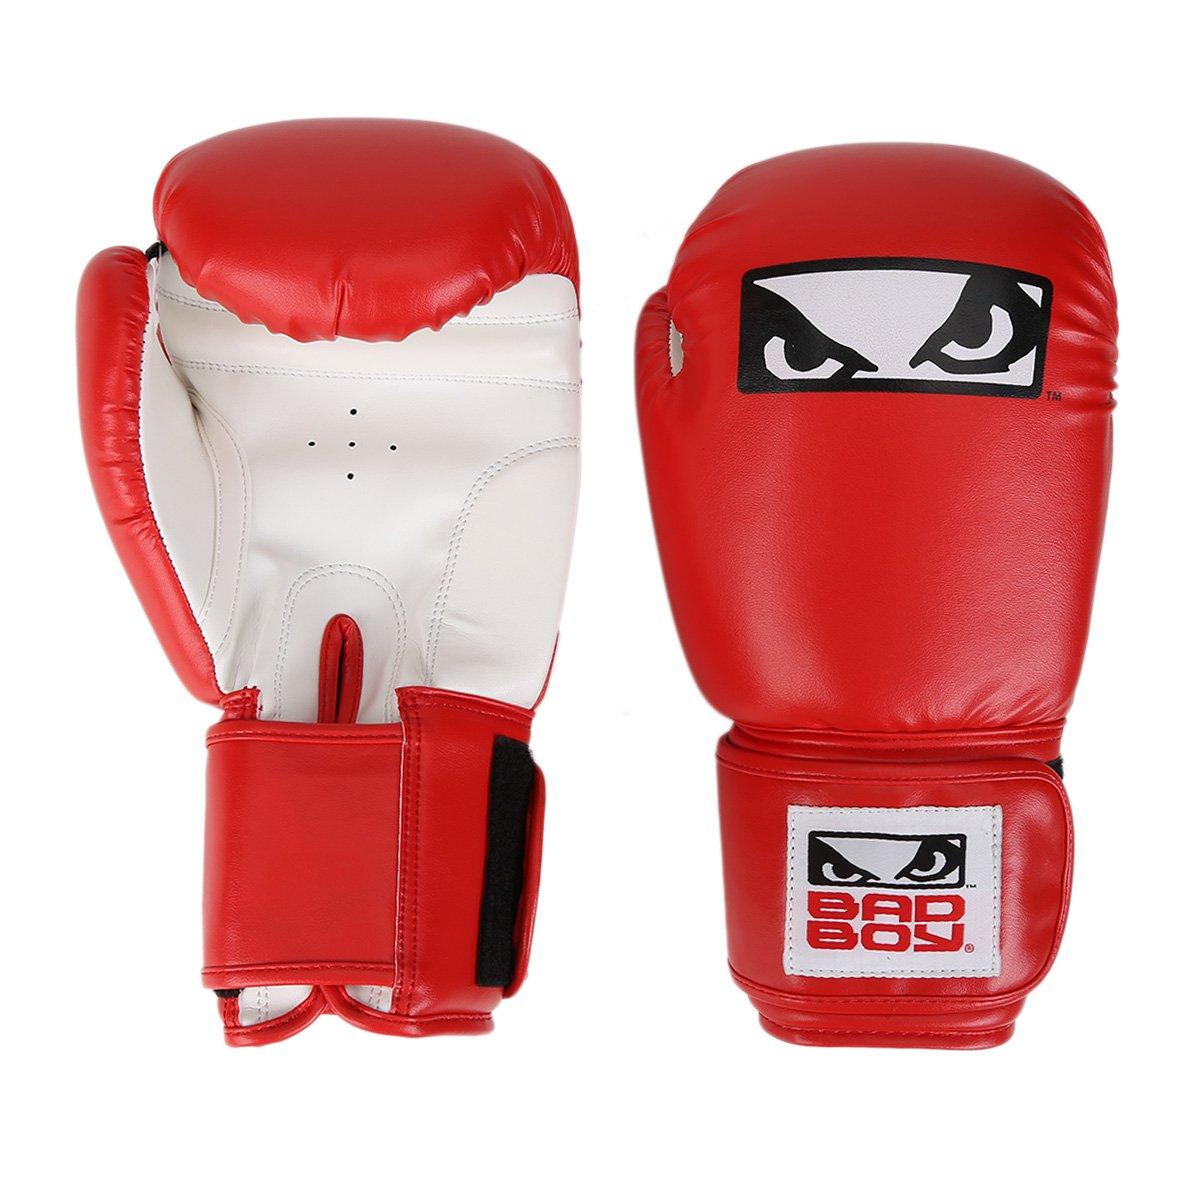 c94bb1281 Luva de Boxe Muay Thai Treino Bad Boy 16 OZ - Compre Agora